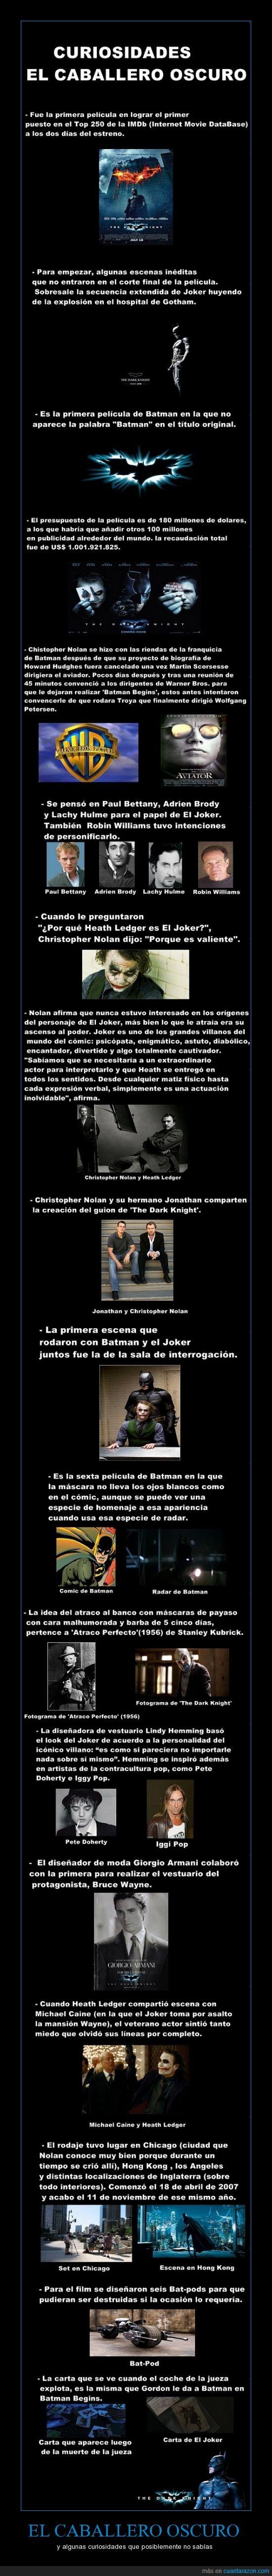 Christopher Nolan,curiosidades,El caballero oscuro,Joker